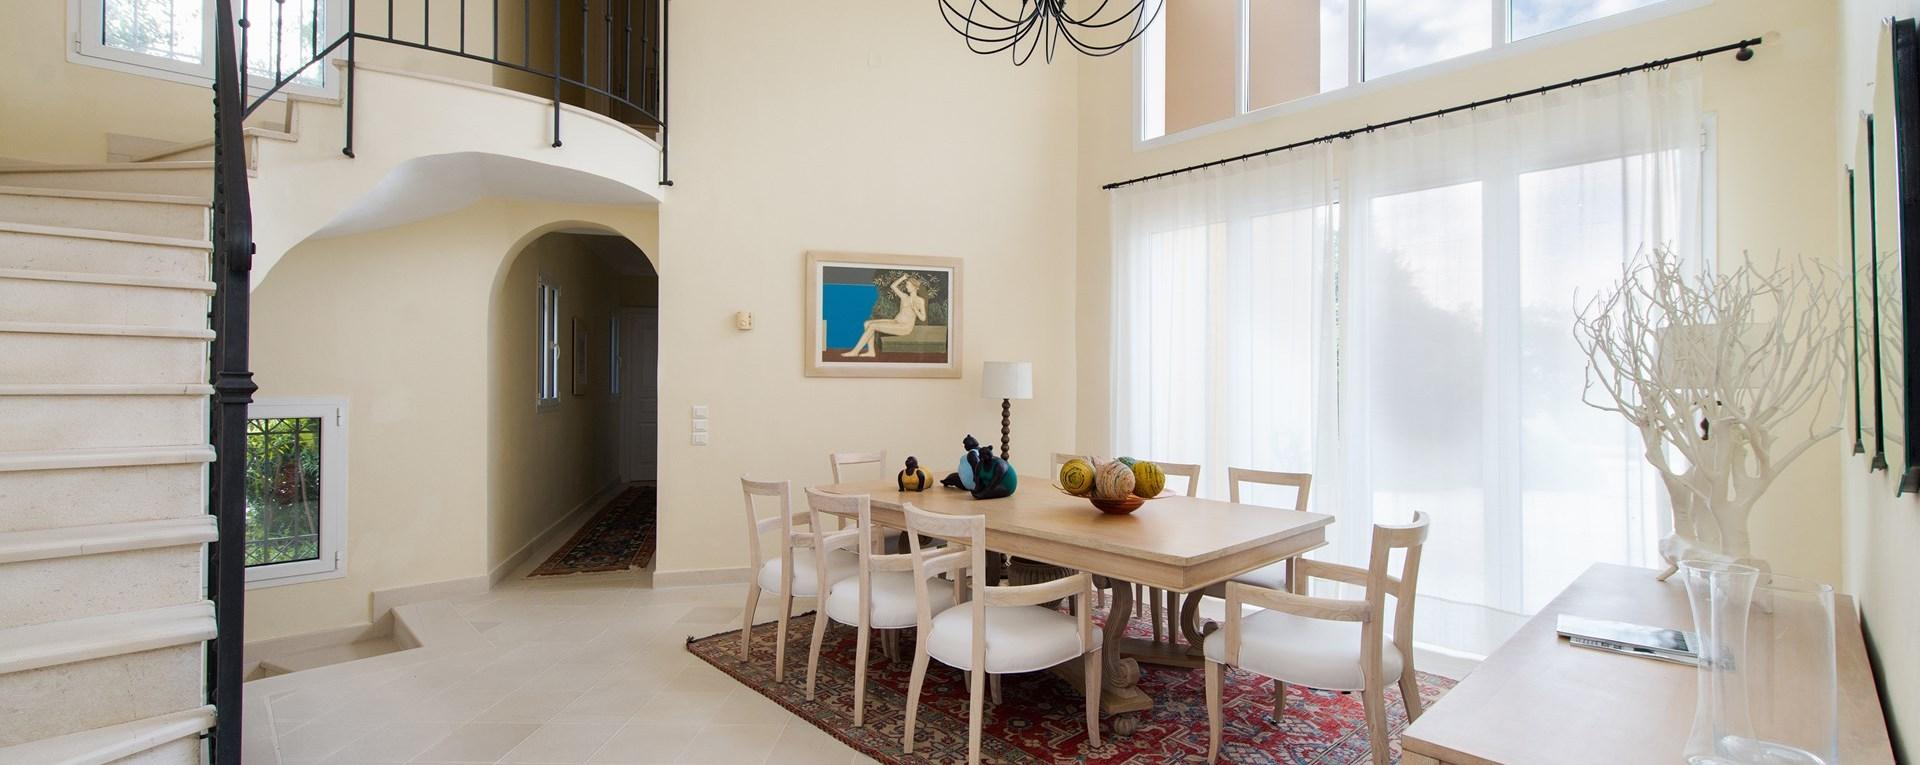 villa-vinita-dining-room